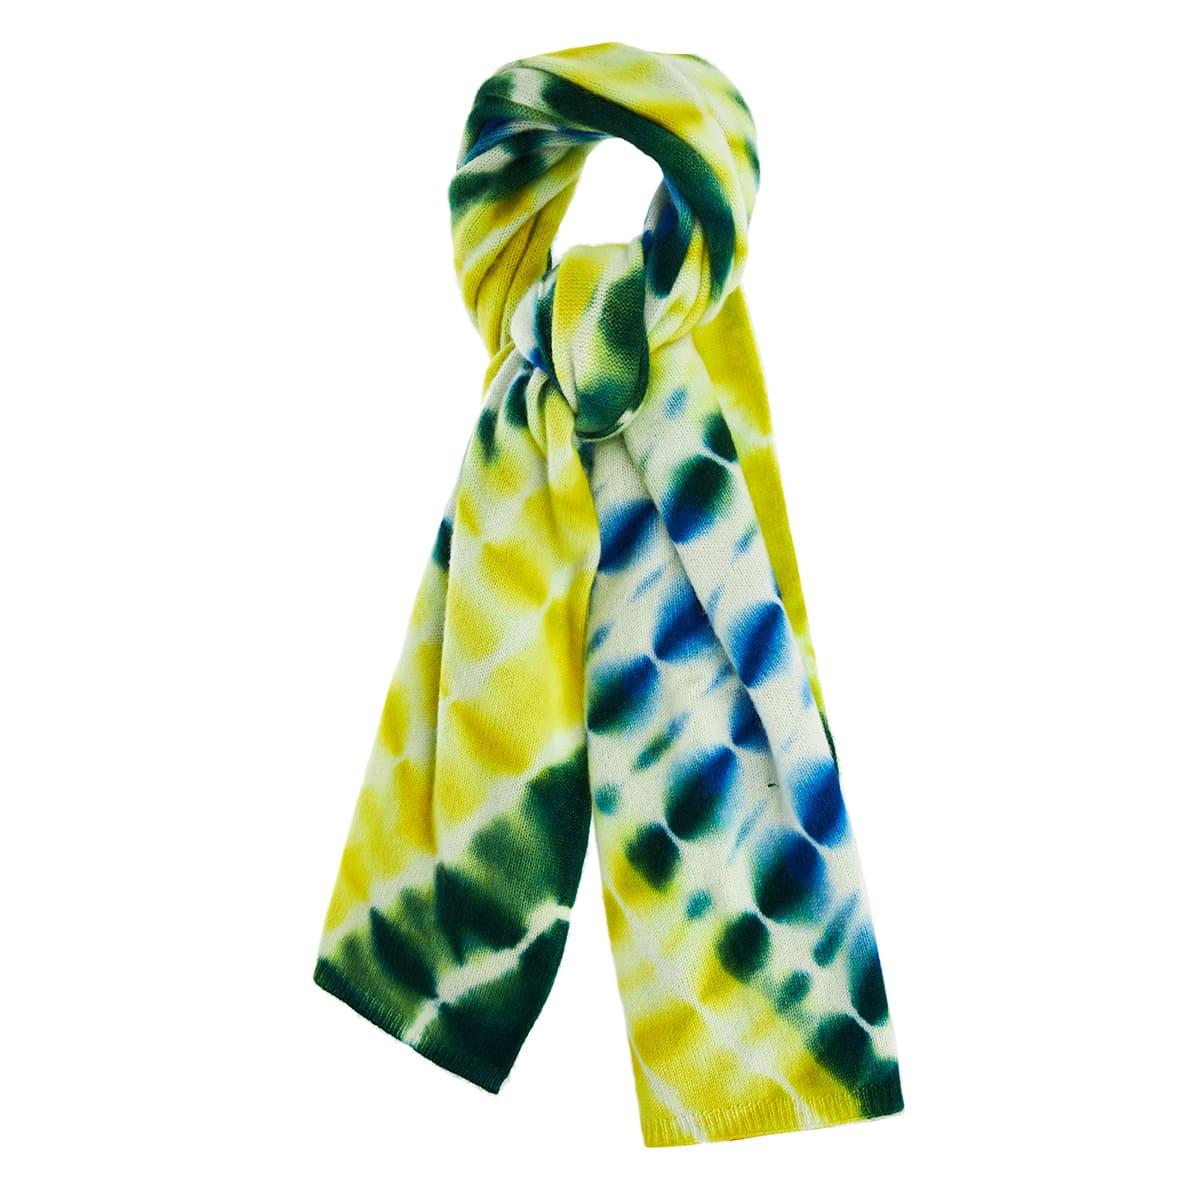 Tie dye cashmere scarf